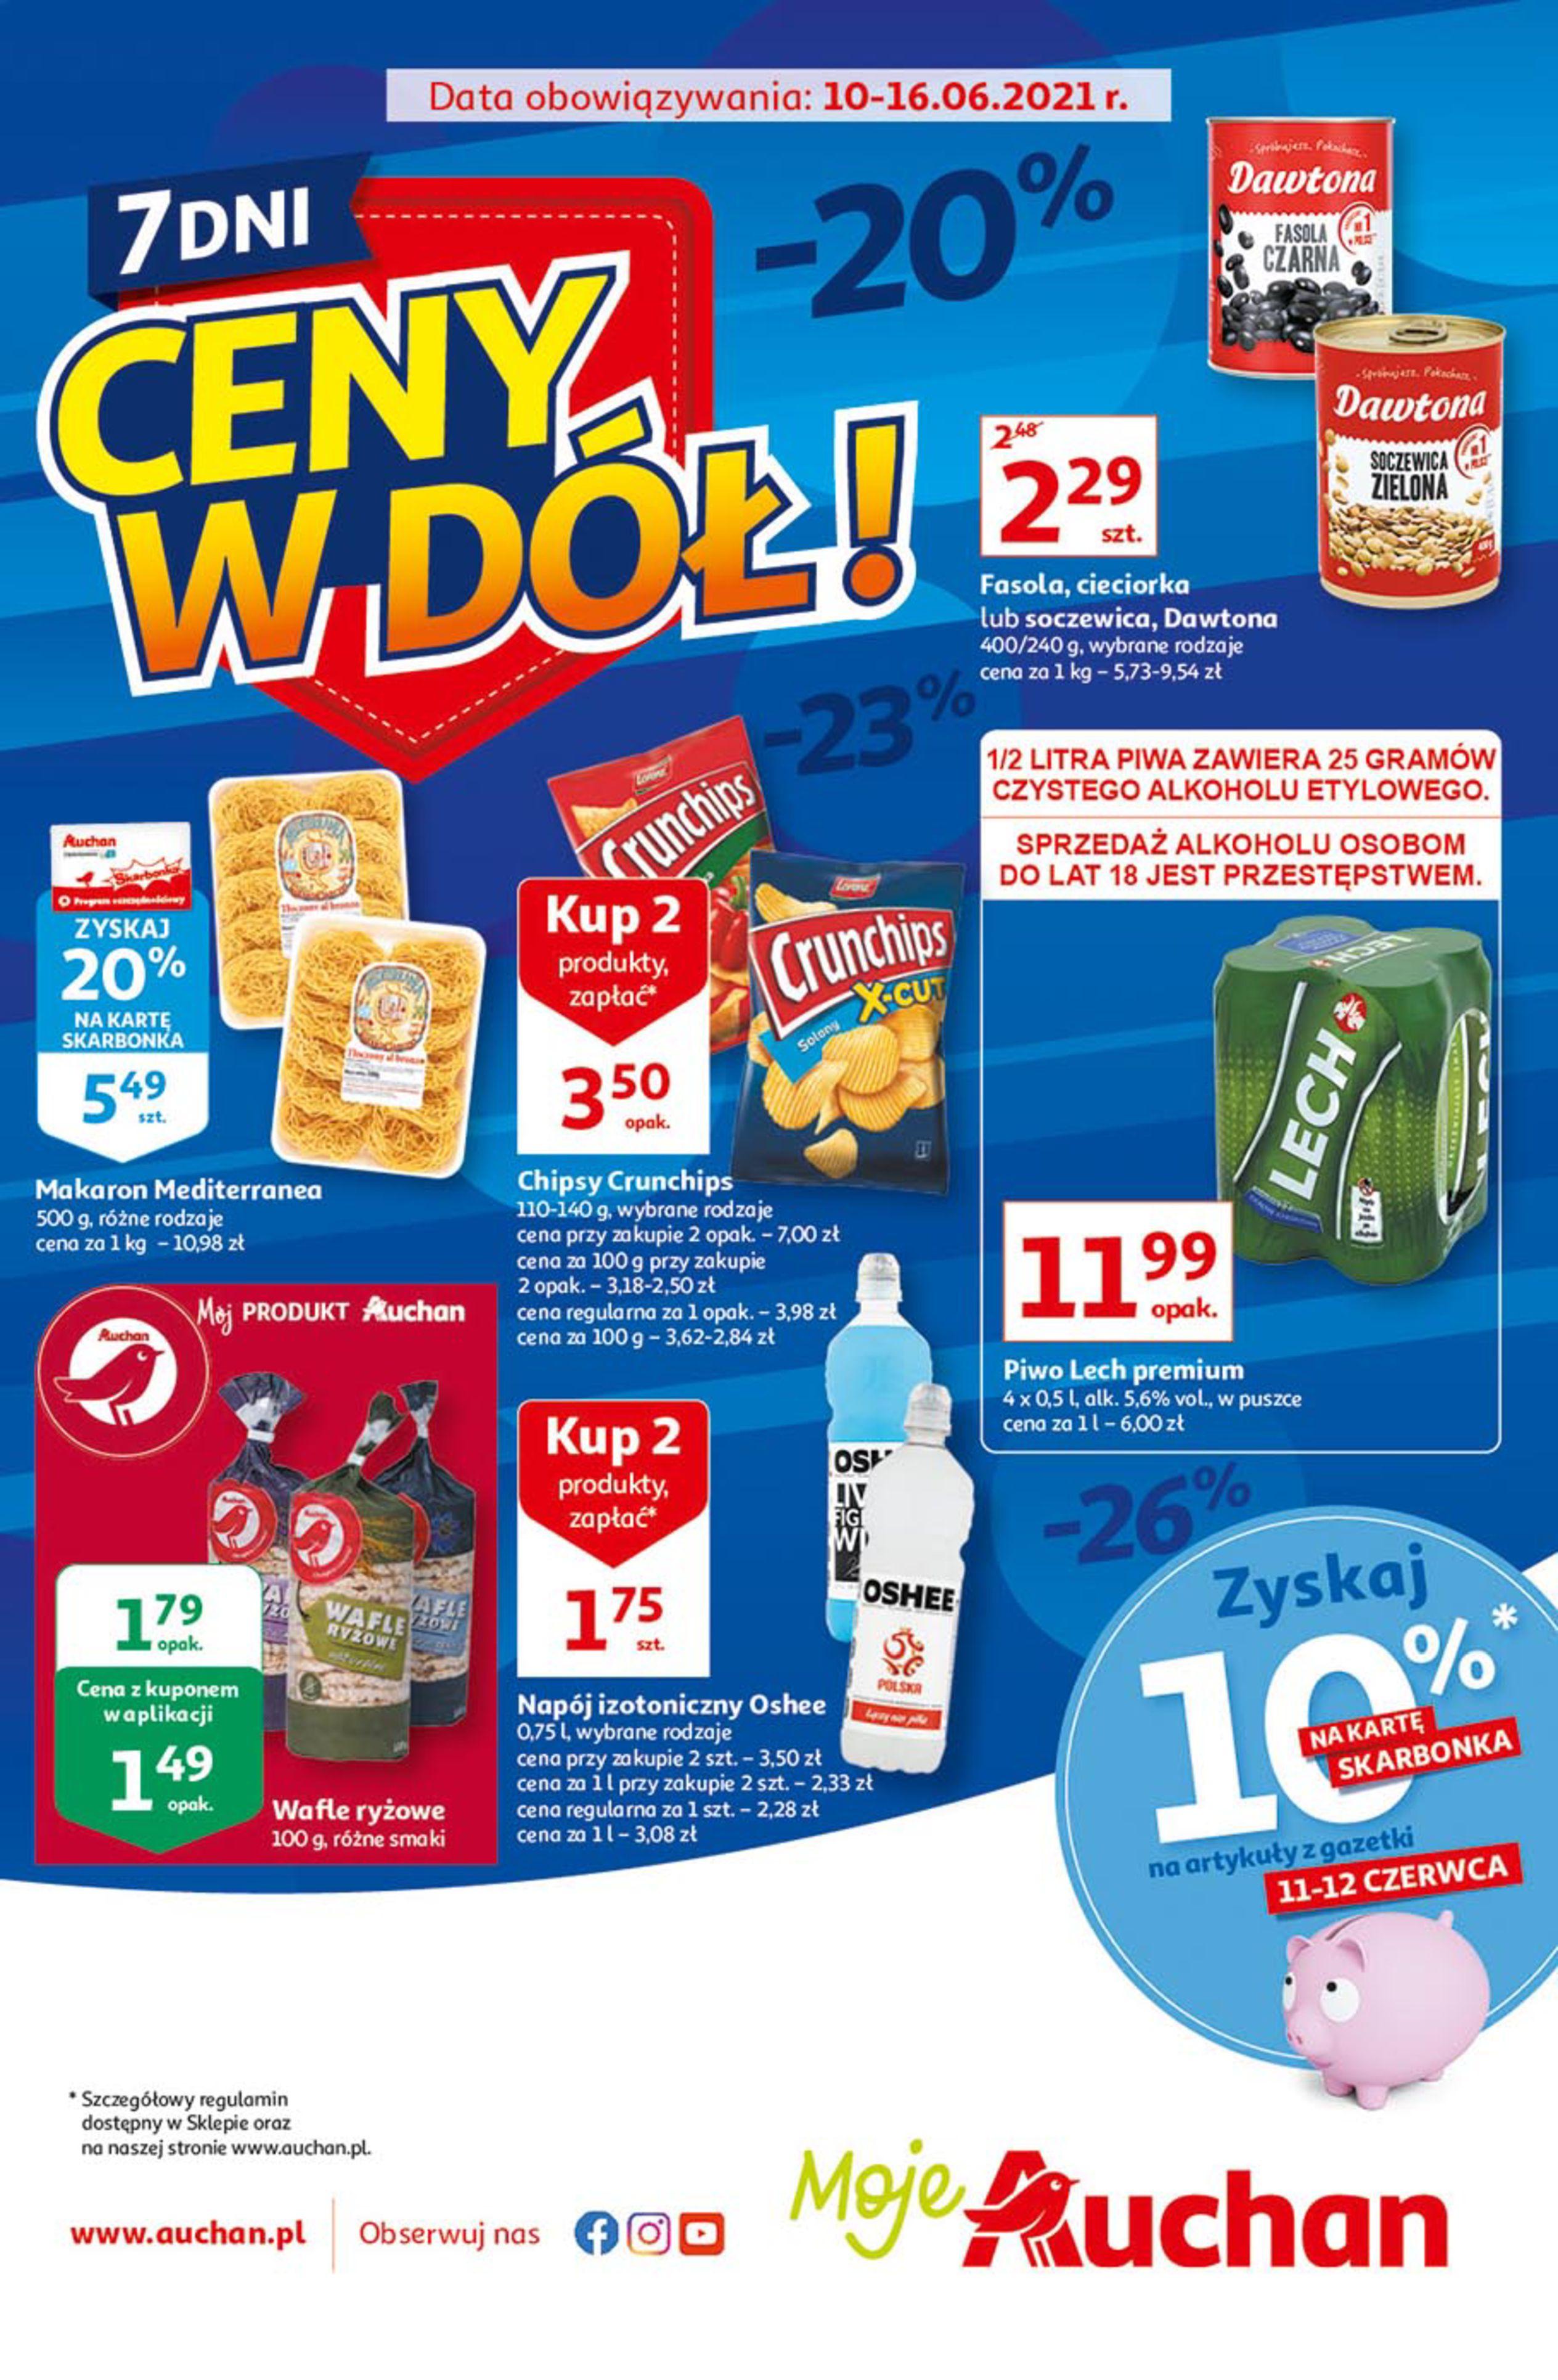 Gazetka Auchan: Gazetka Auchan - Ceny w dół 2021-06-10 page-2